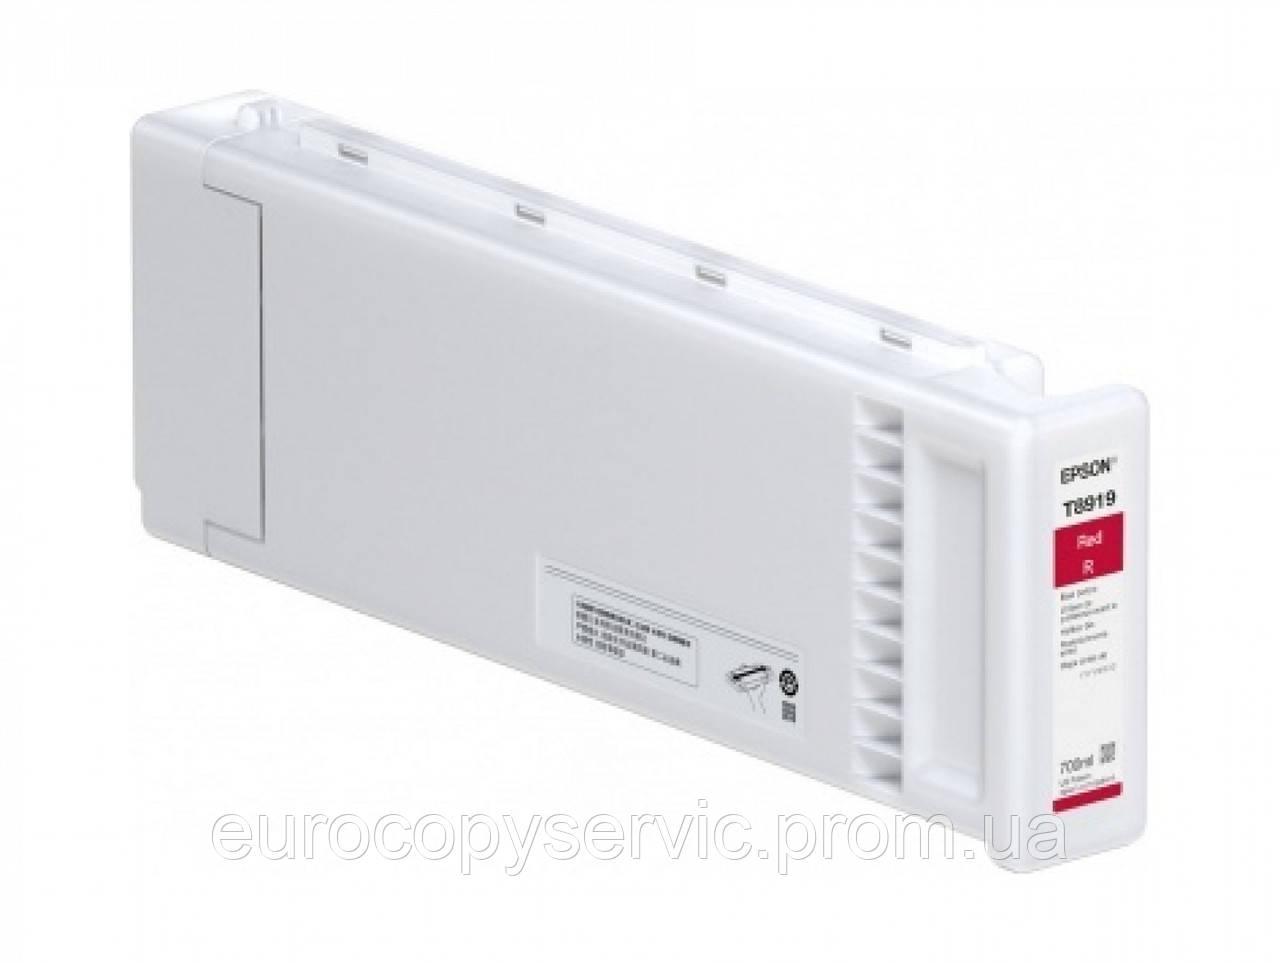 Чорнила Epson GS3 Red T891900 (700mL) (C13T891900)